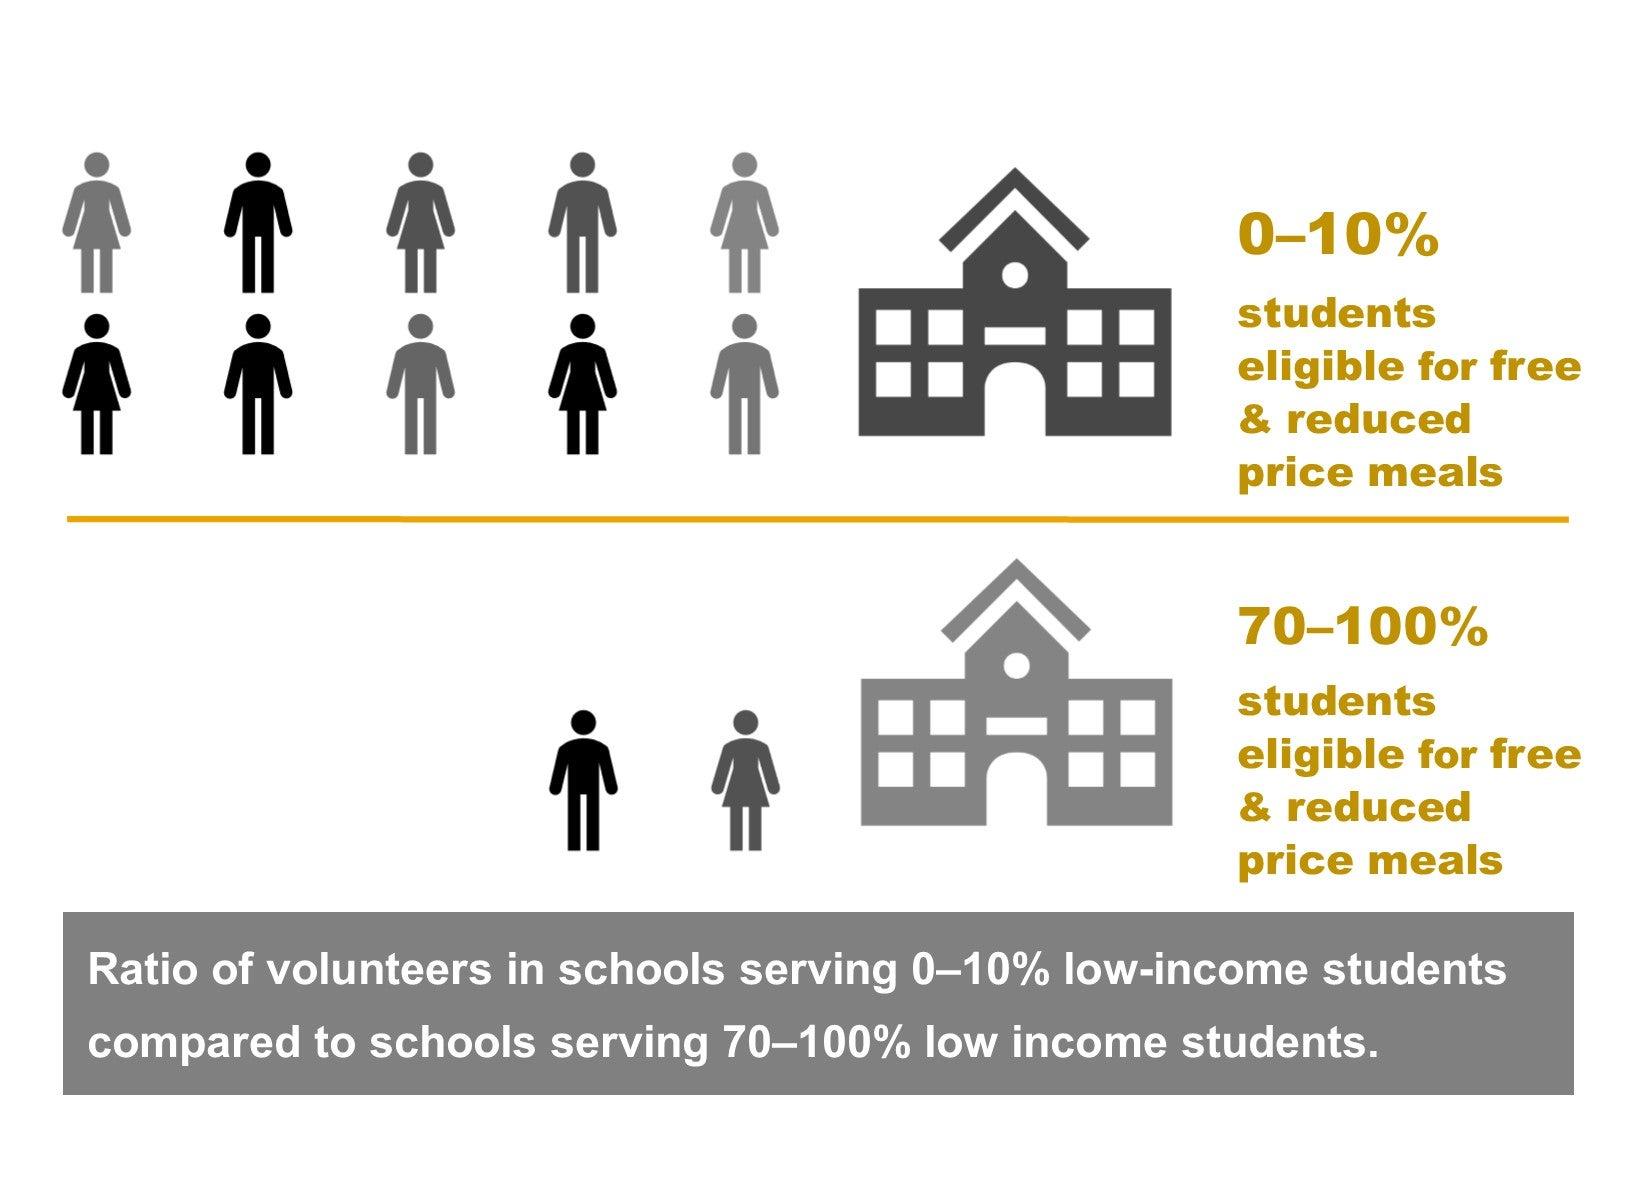 Volunteers in schools - inequities